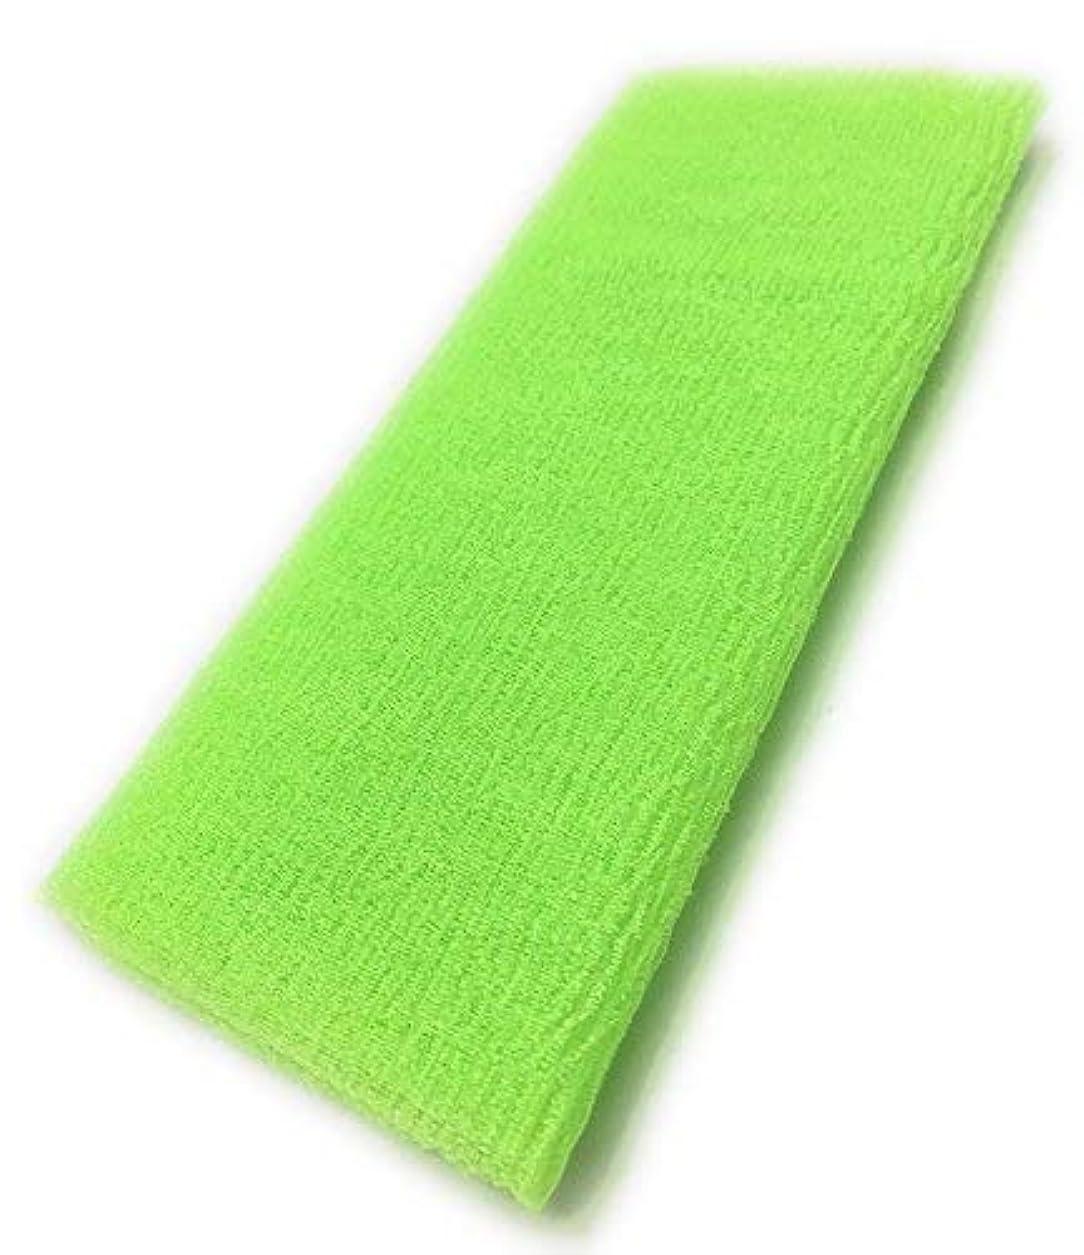 露骨な姿を消すマニアMaltose あかすりタオル ボディタオル ロング 体洗いタオル 浴用タオル やわらか 泡立ち 背中 お風呂用 メンズ 垢すり (グリーン)